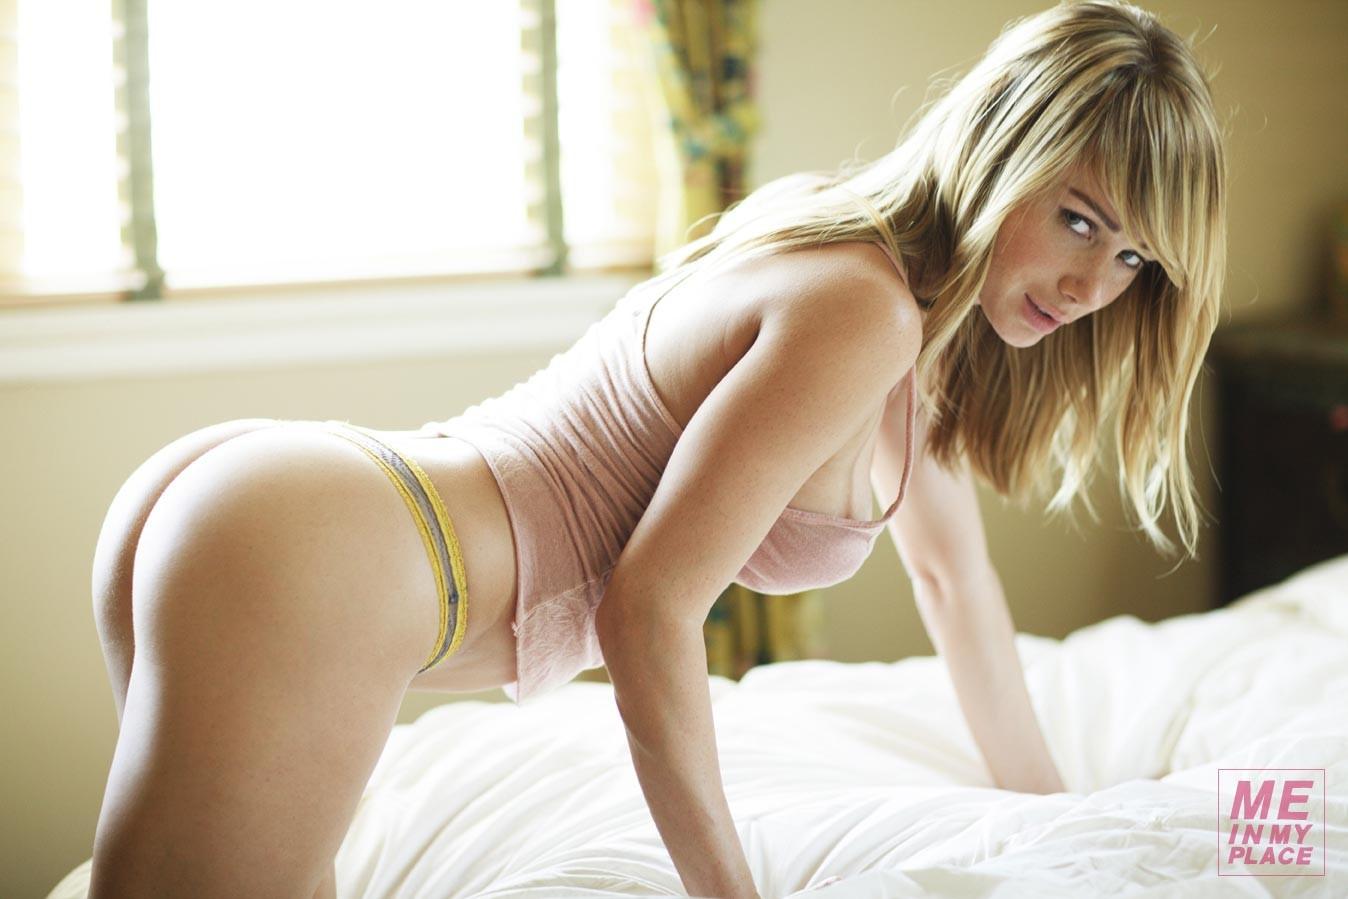 Hd Sex Photo - Sara Jean Underwood - Liseli Porno Sex İzle: liselipornosexizle.blogspot.com.tr/2013/03/hd-sex-photo-sara-jean...